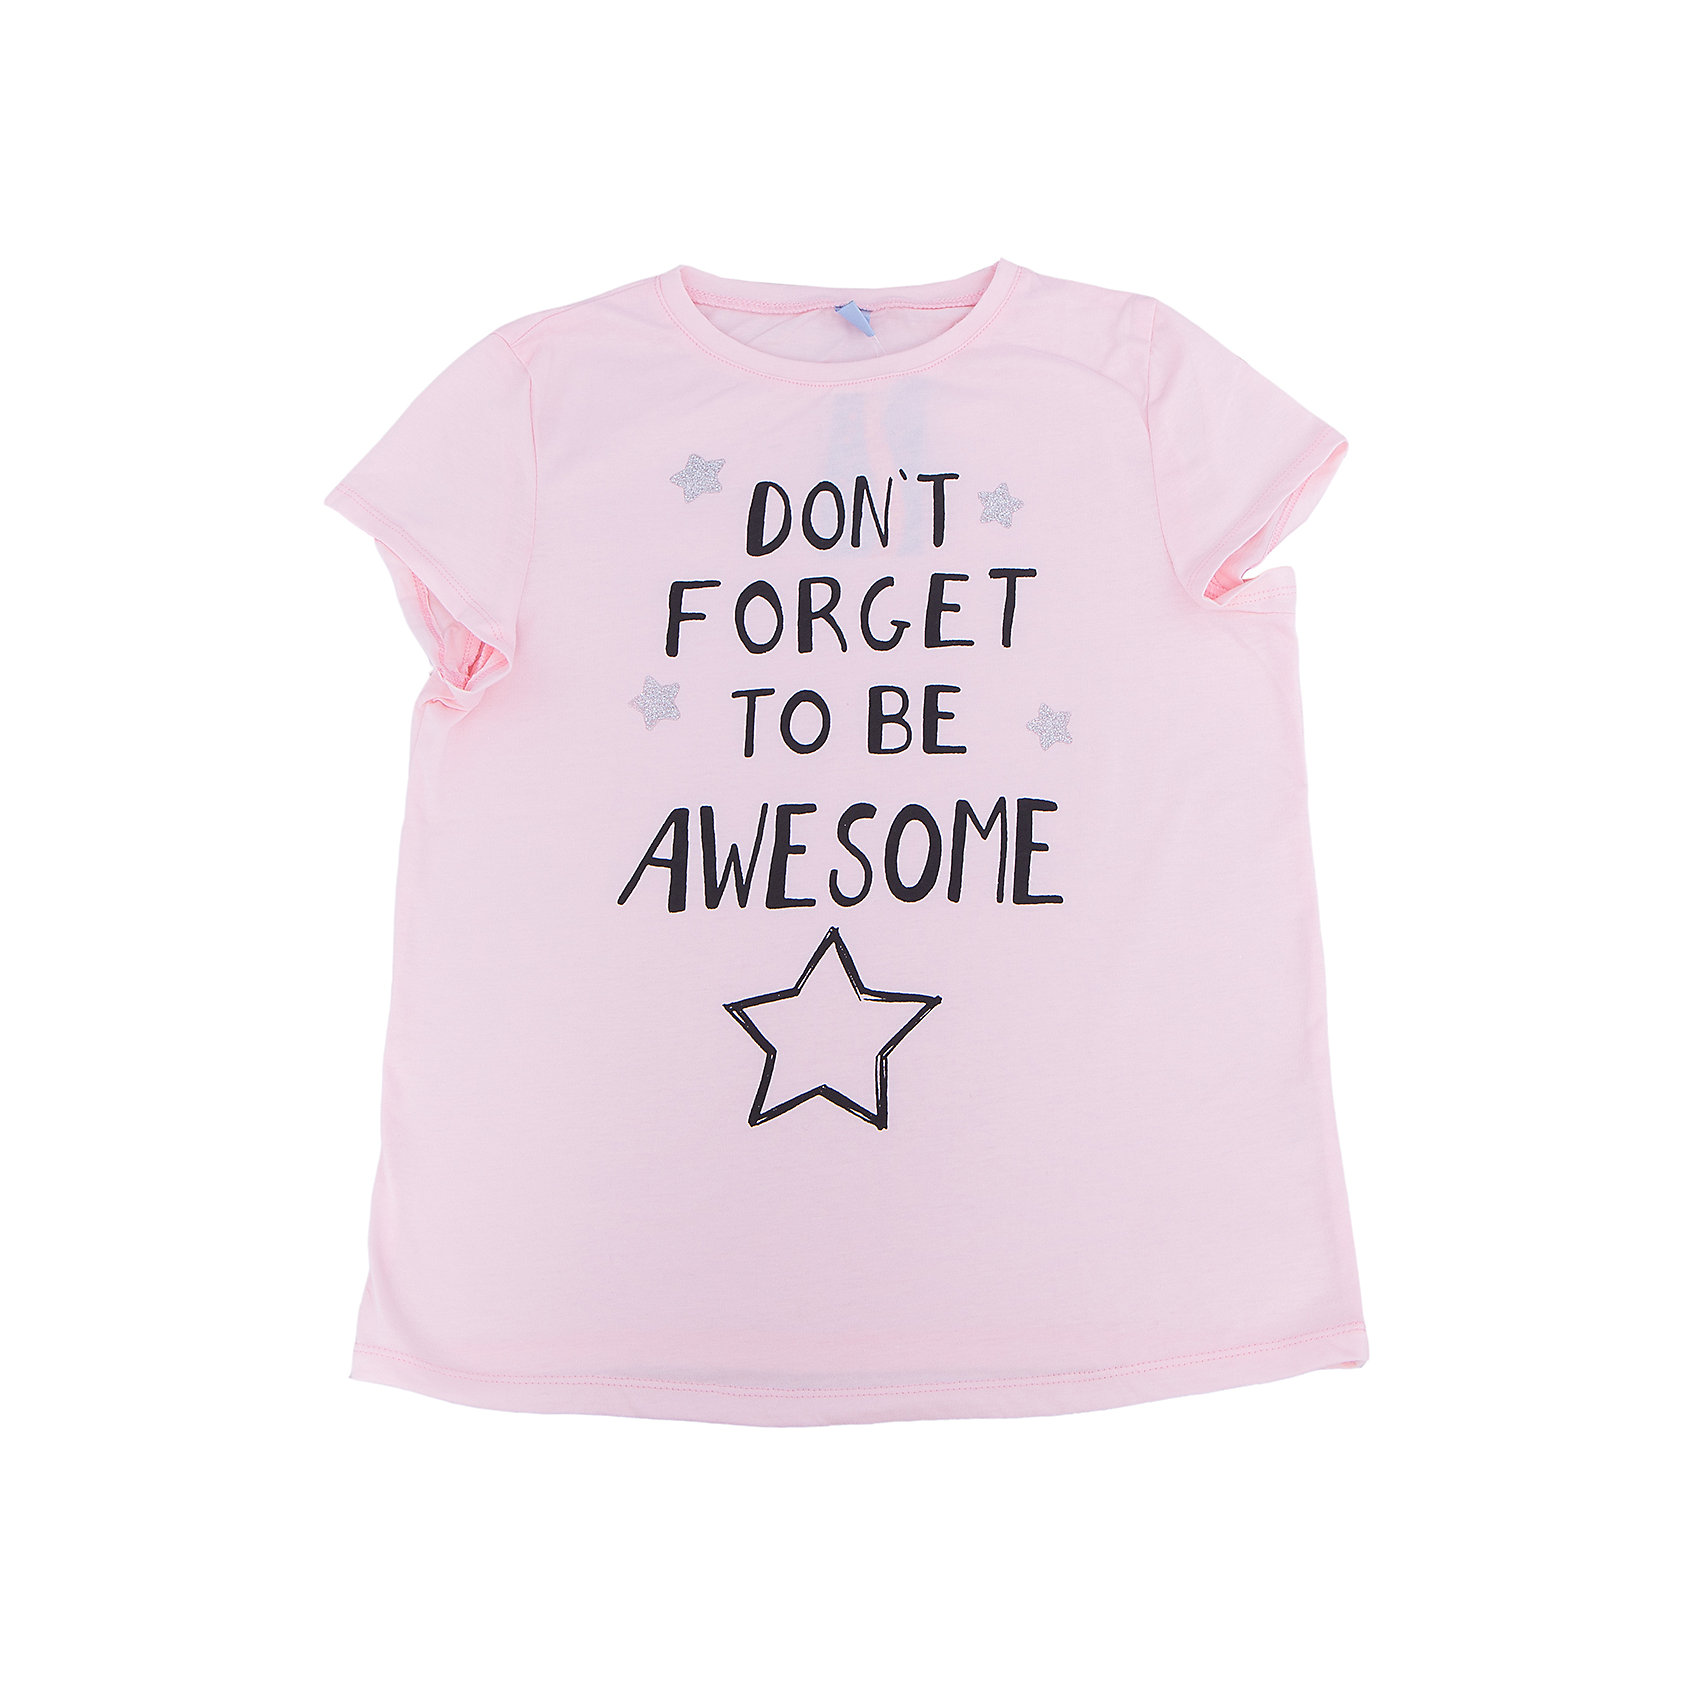 Футболка для девочки DAUBERФутболка для девочки DAUBER<br><br>Характеристики:<br><br>• Состав: 100%хлопок.<br>• Цвет: розовый.<br>• Материал: трикотаж.<br><br>Футболка для девочки от российского бренда DAUBER.<br>Модная футболка розового цвета выполнена из хлопкового трикотажа. Оригинальный контрастный черный принт не оставит равнодушной вашу малышку. Натуральный хлопок в составе изделия делает его дышащим, приятным на ощупь и гипоаллергенным. Мягкая обтачка на горловине не вызовет трудностей при надевании. В такой футболке ваша девочка будет чувствовать себя комфортно и уютно.<br><br>Футболка для девочки DAUBER, можно купить в нашем интернет - магазине.<br><br>Ширина мм: 199<br>Глубина мм: 10<br>Высота мм: 161<br>Вес г: 151<br>Цвет: розовый<br>Возраст от месяцев: 132<br>Возраст до месяцев: 144<br>Пол: Женский<br>Возраст: Детский<br>Размер: 152,128,134,140,146<br>SKU: 4953434